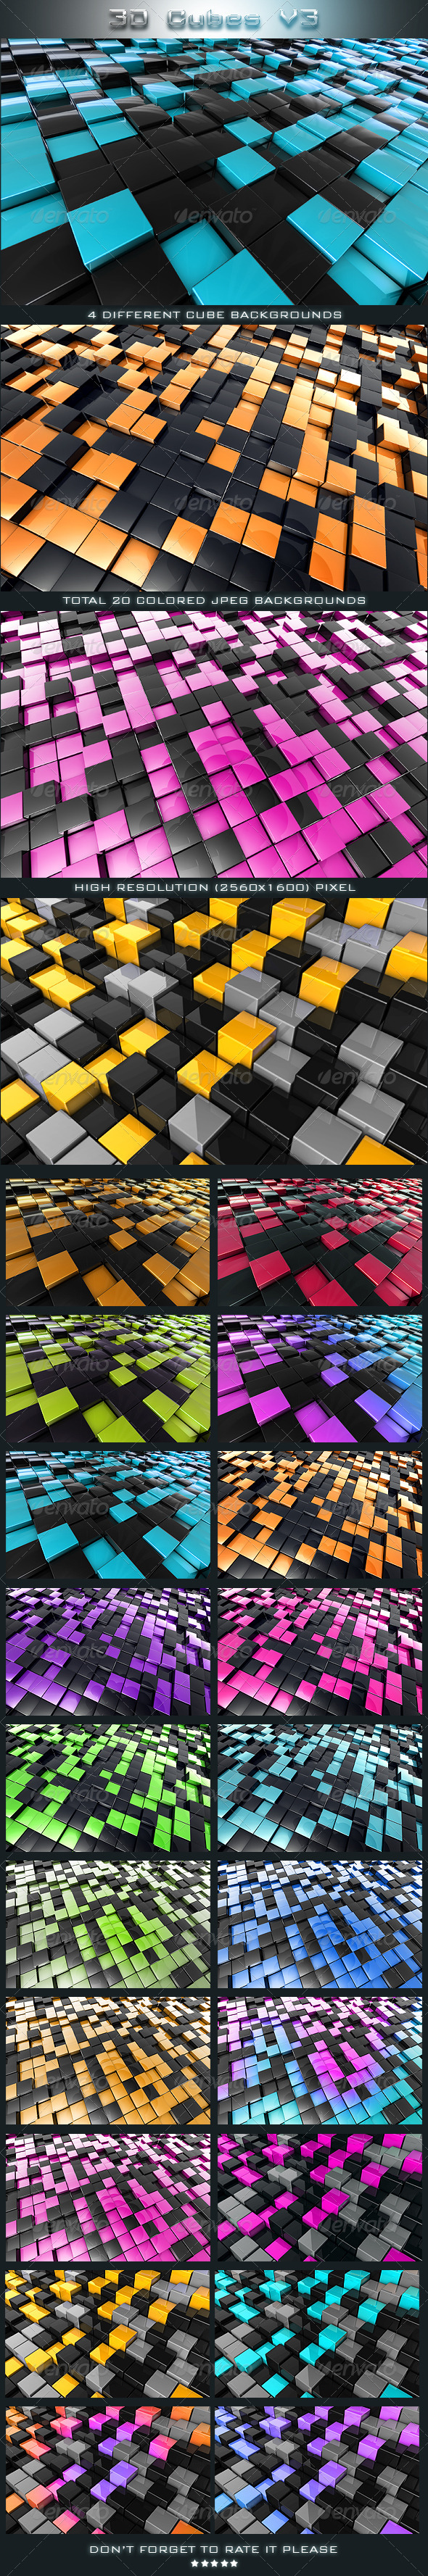 3D Cubes V3 - 3D Backgrounds